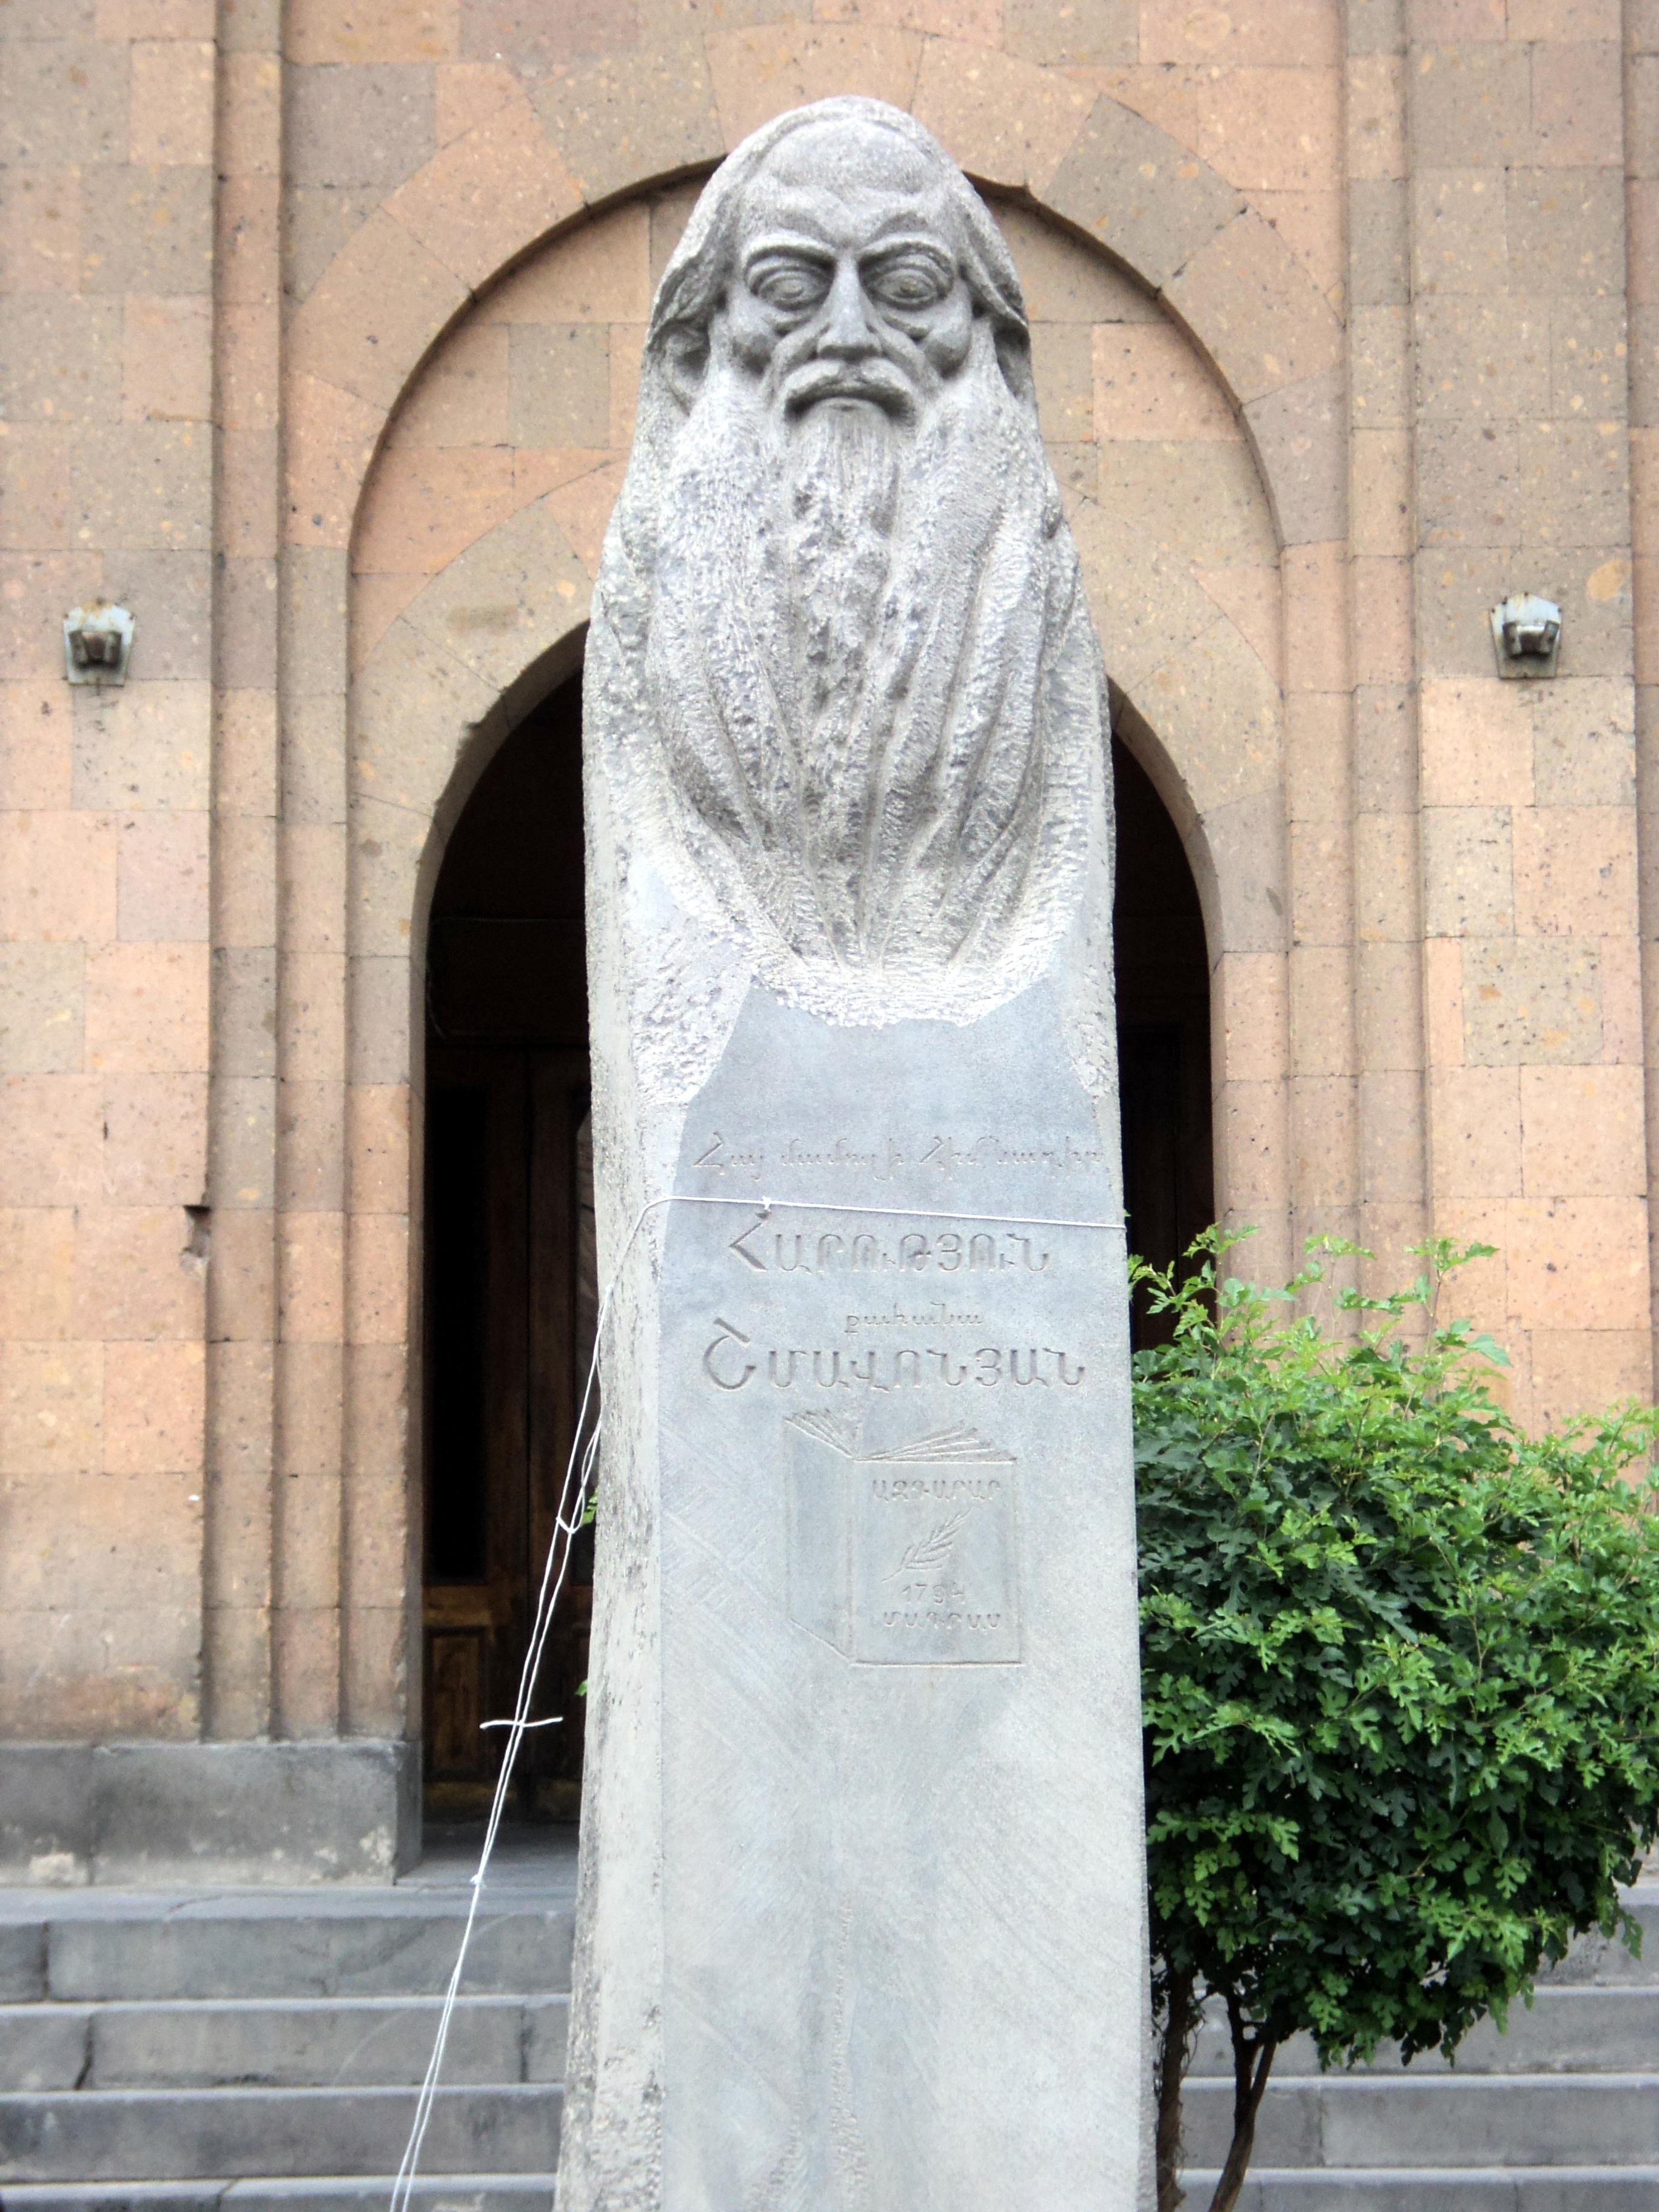 http://upload.wikimedia.org/wikipedia/commons/1/19/Հարություն_Շմավոնյան.JPG